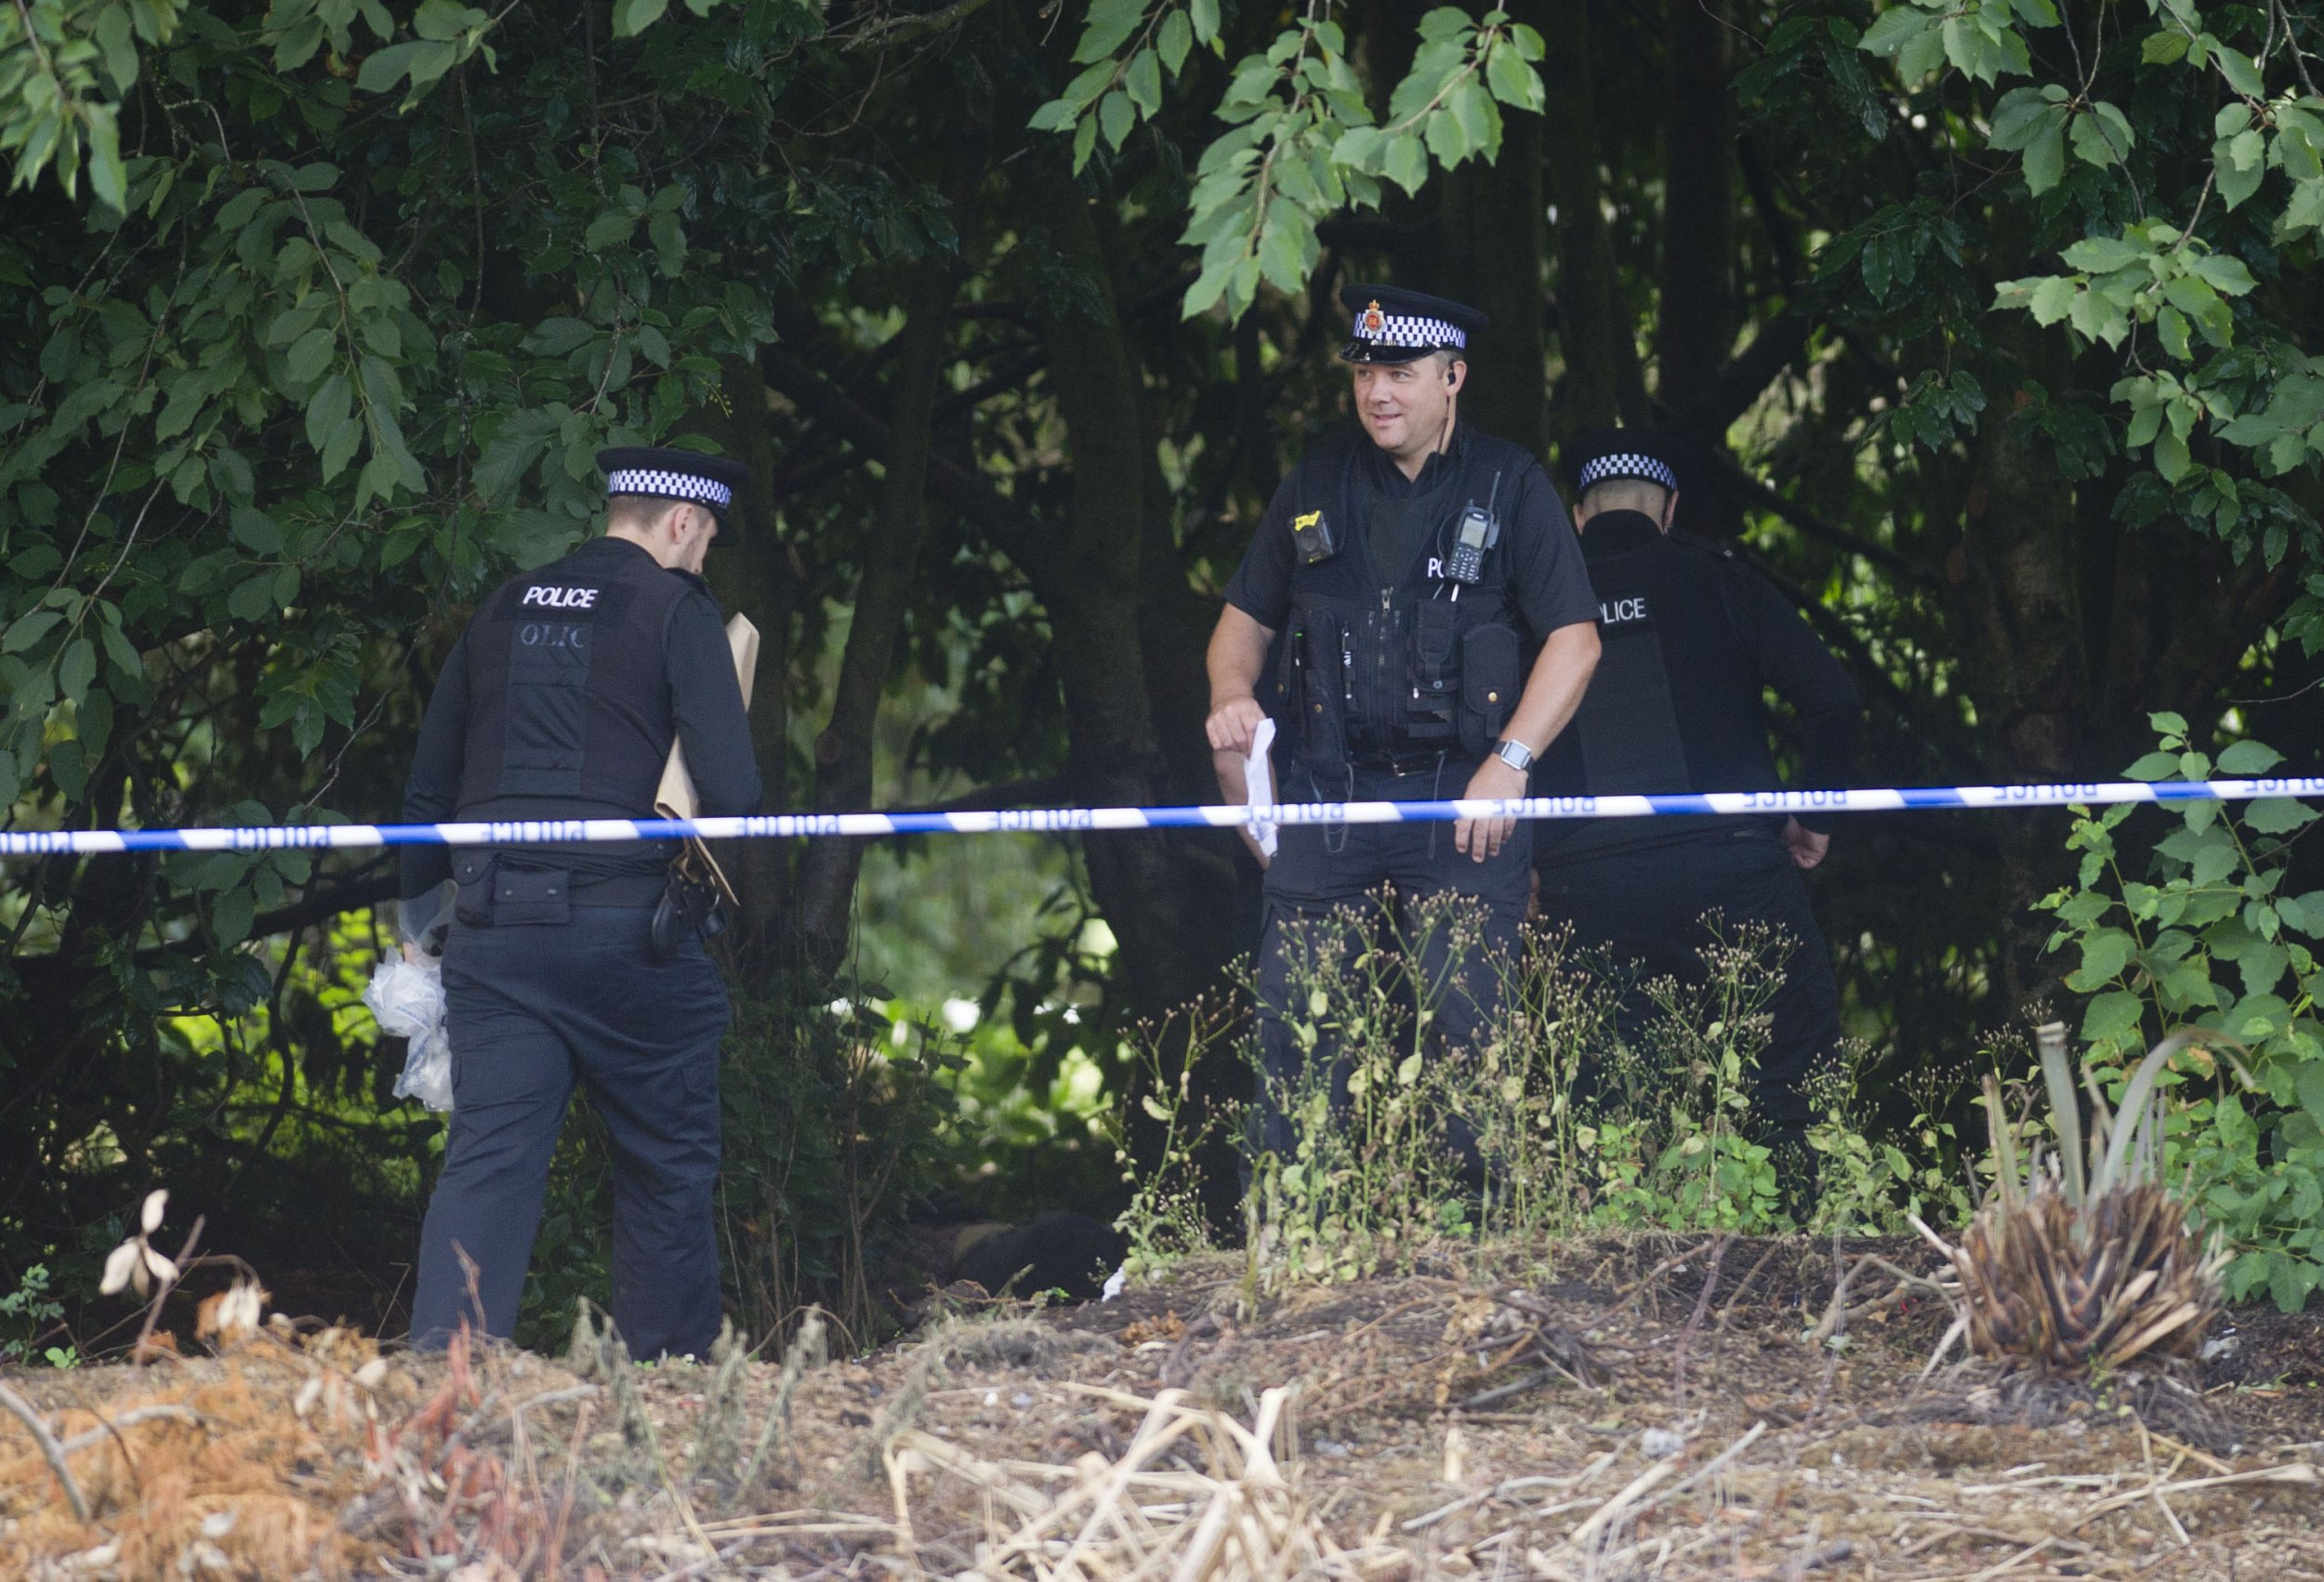 Police scene in Davyhulme park urmston Vincent Cole 31 July 2018